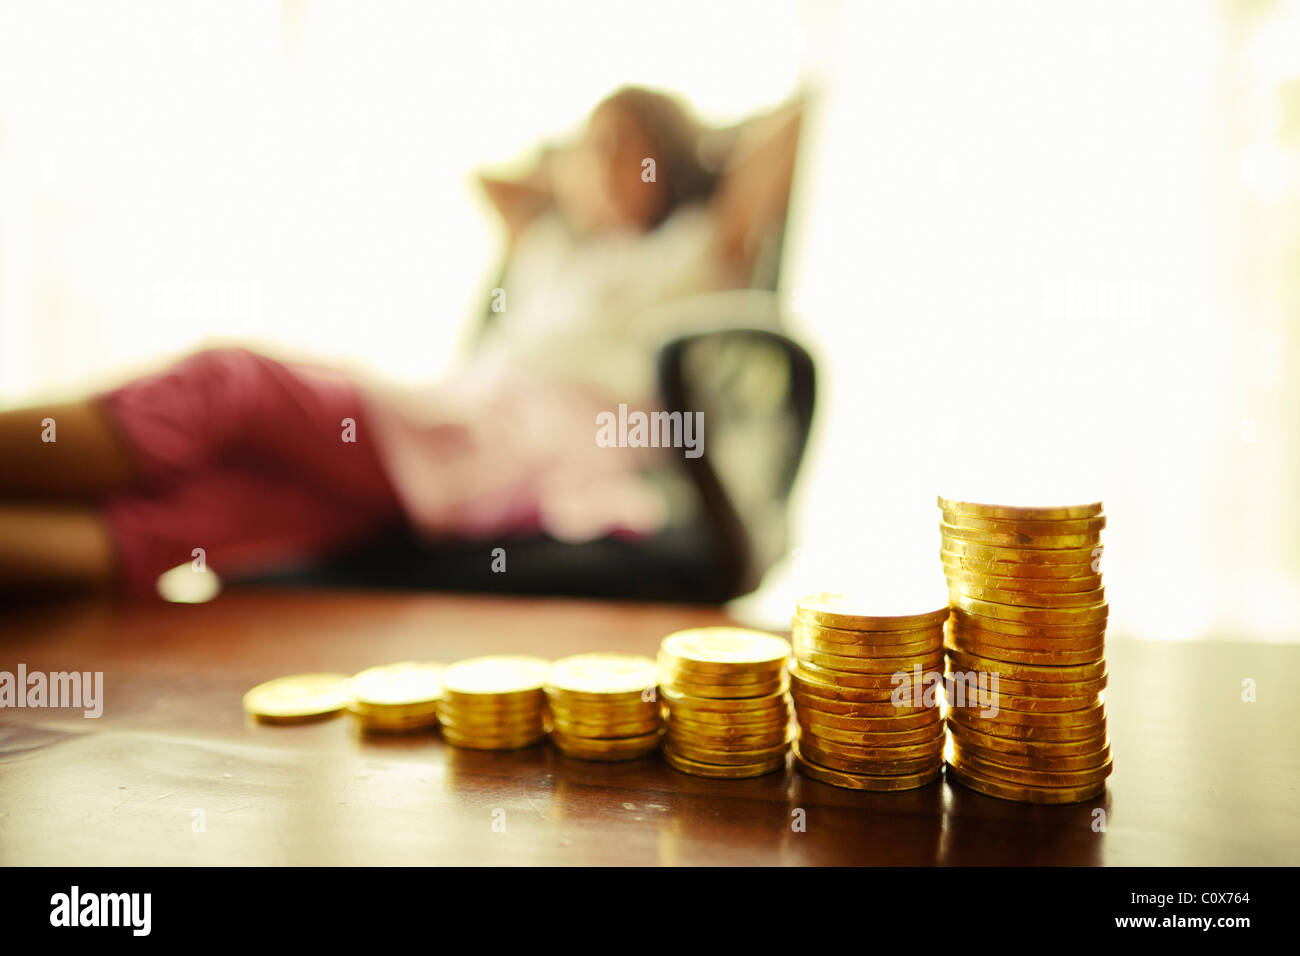 Invertir en oro. Chica con monedas de oro de chocolate apiladas. Imagen De Stock